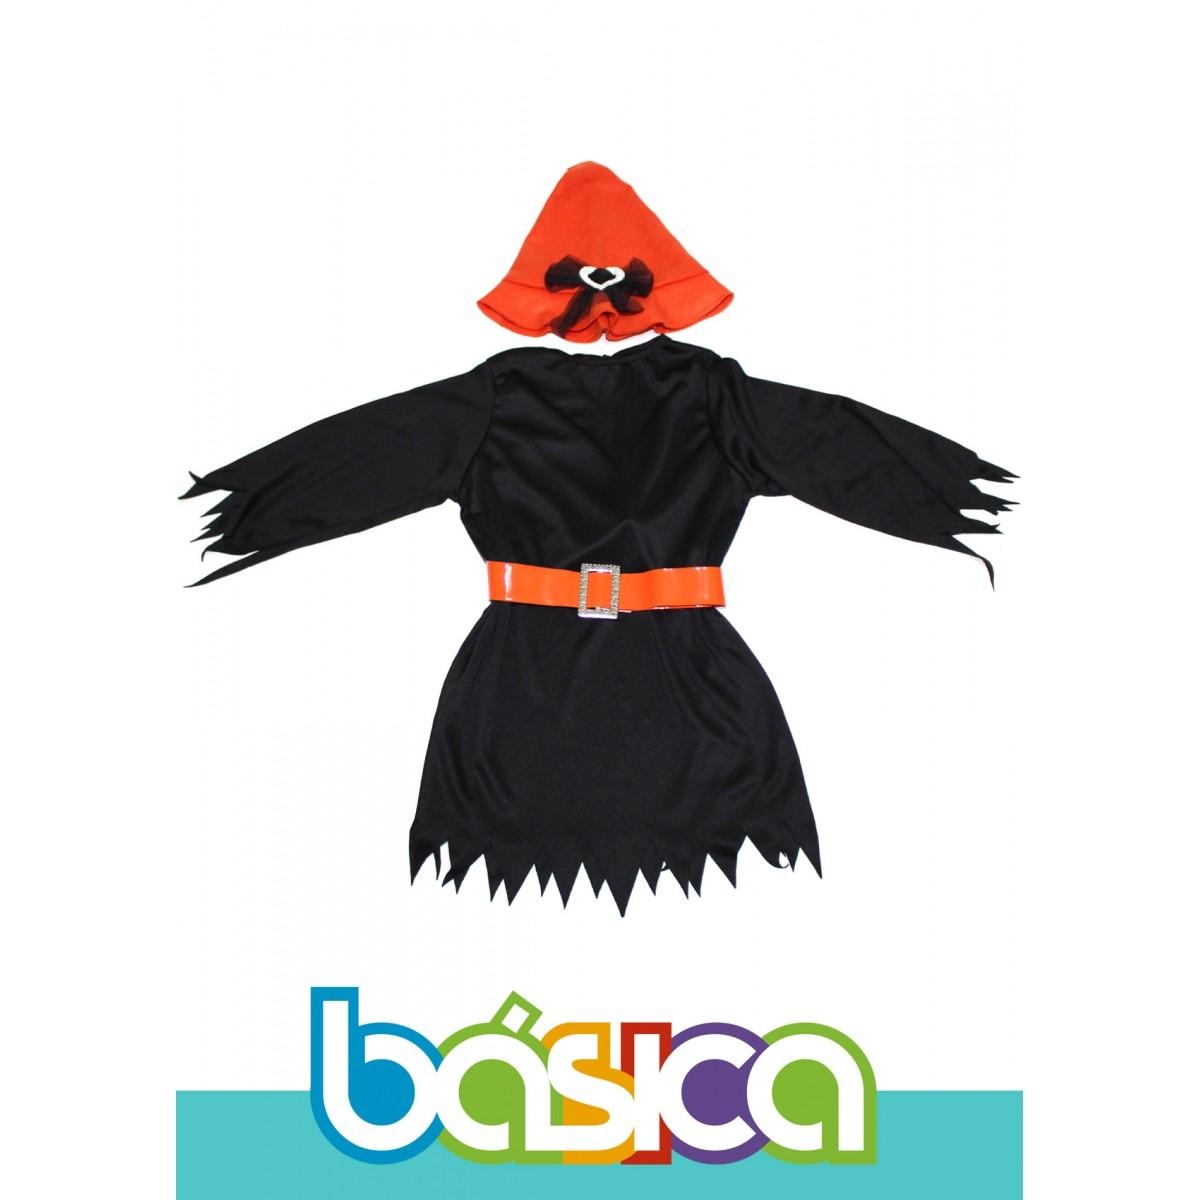 Fantasia de Bruxa Infantil Preto com Laranja  e Chapéu de Bruxa  - BÁSICA UNIFORMES